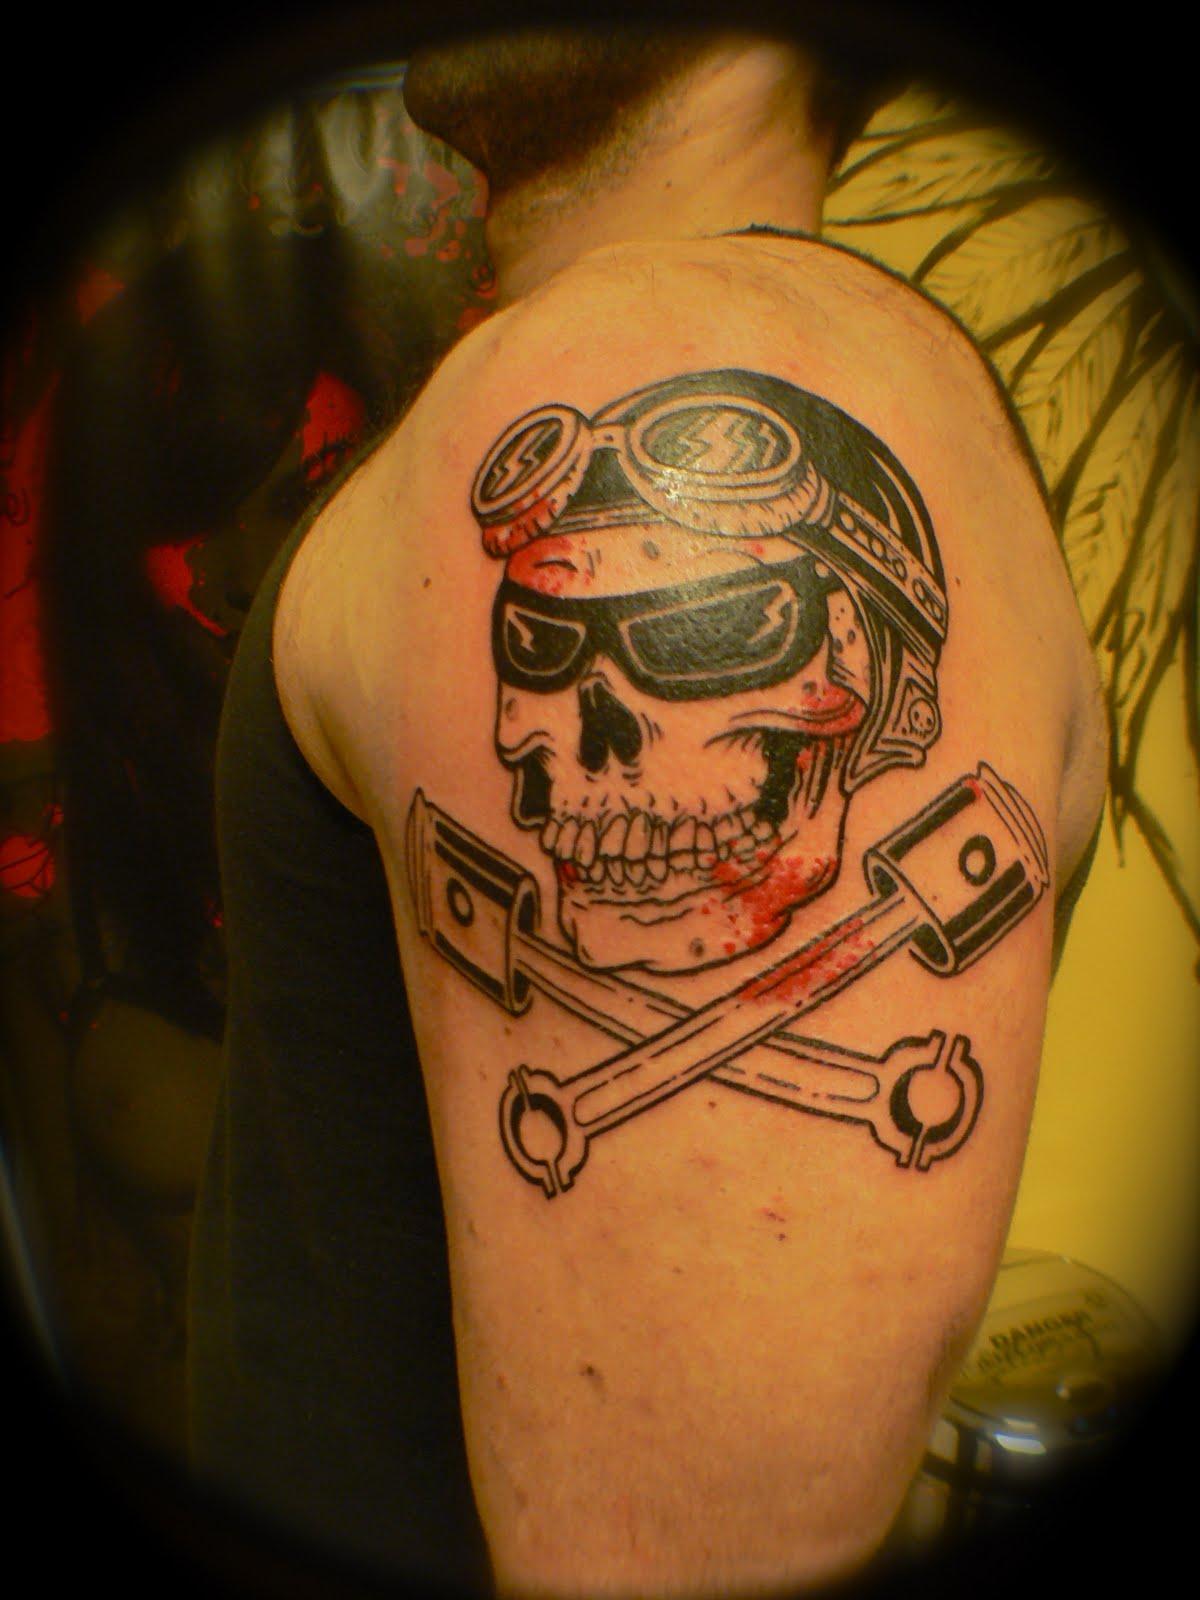 Gearheads Anonymous Inc Gearheads Tattoo